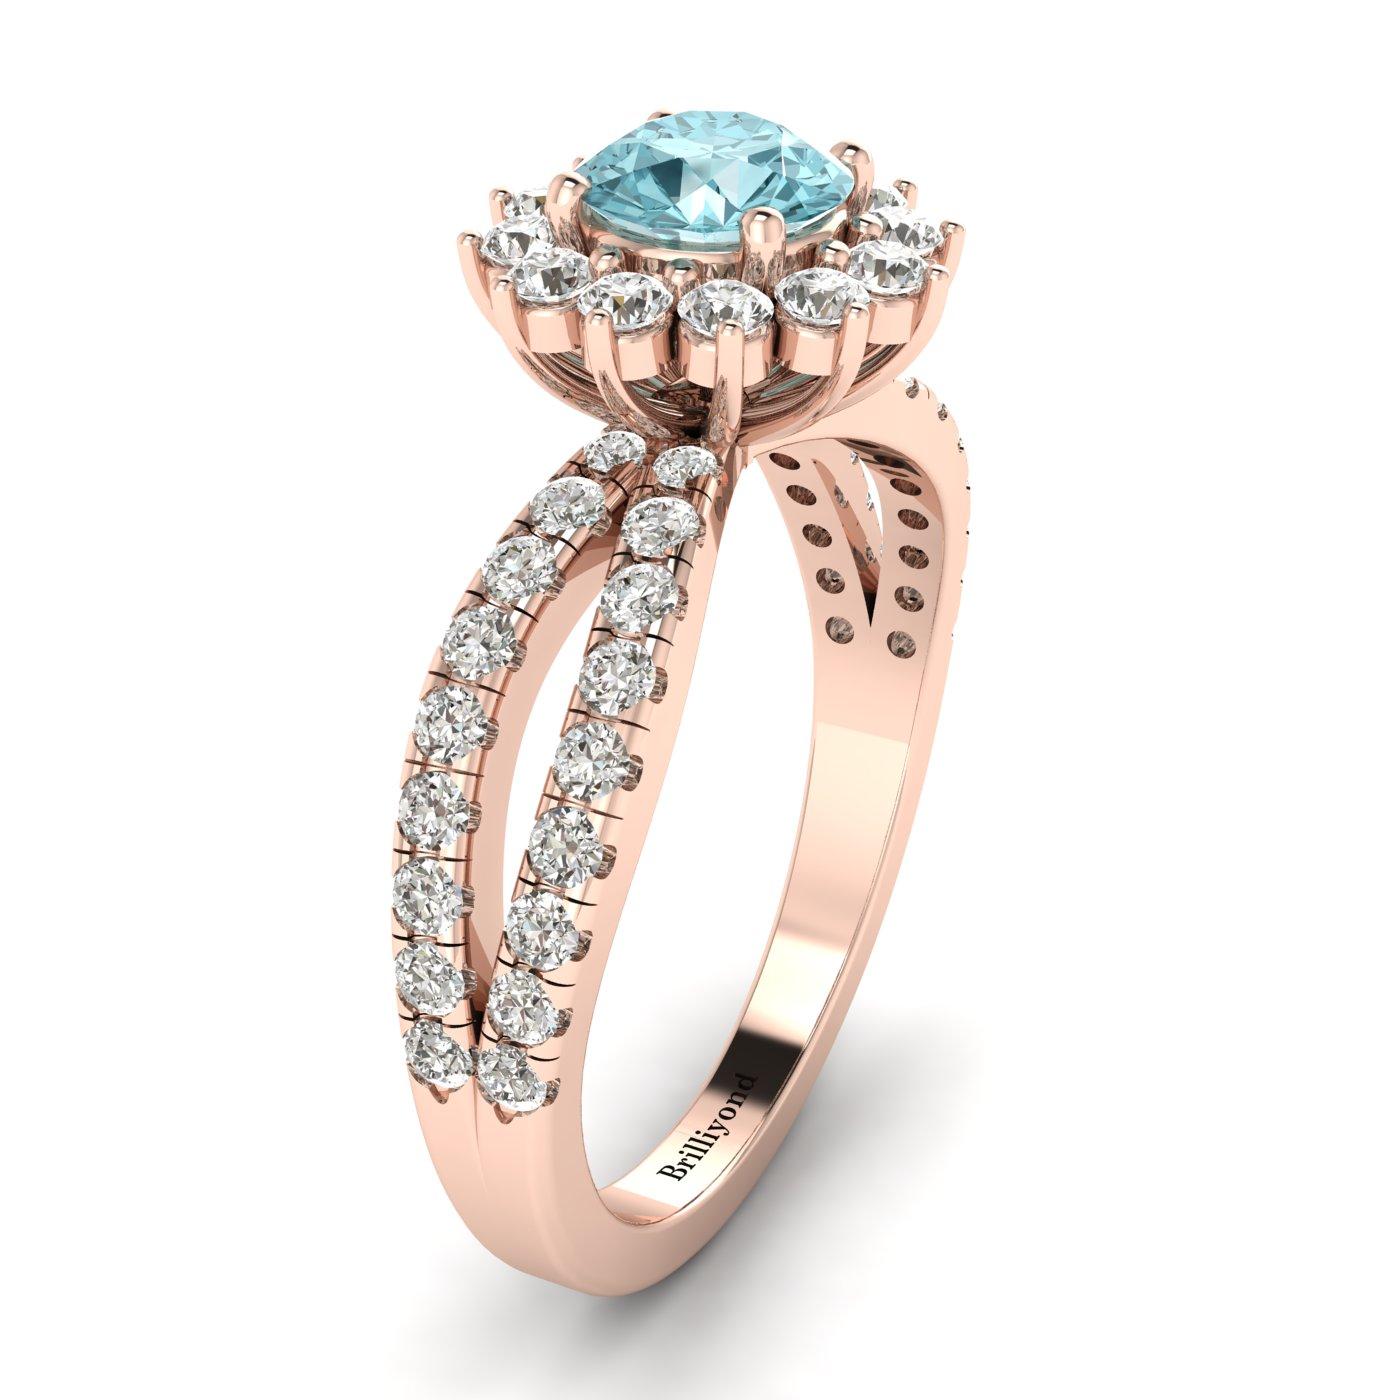 Halo Engagement Ring Nefertari_image2